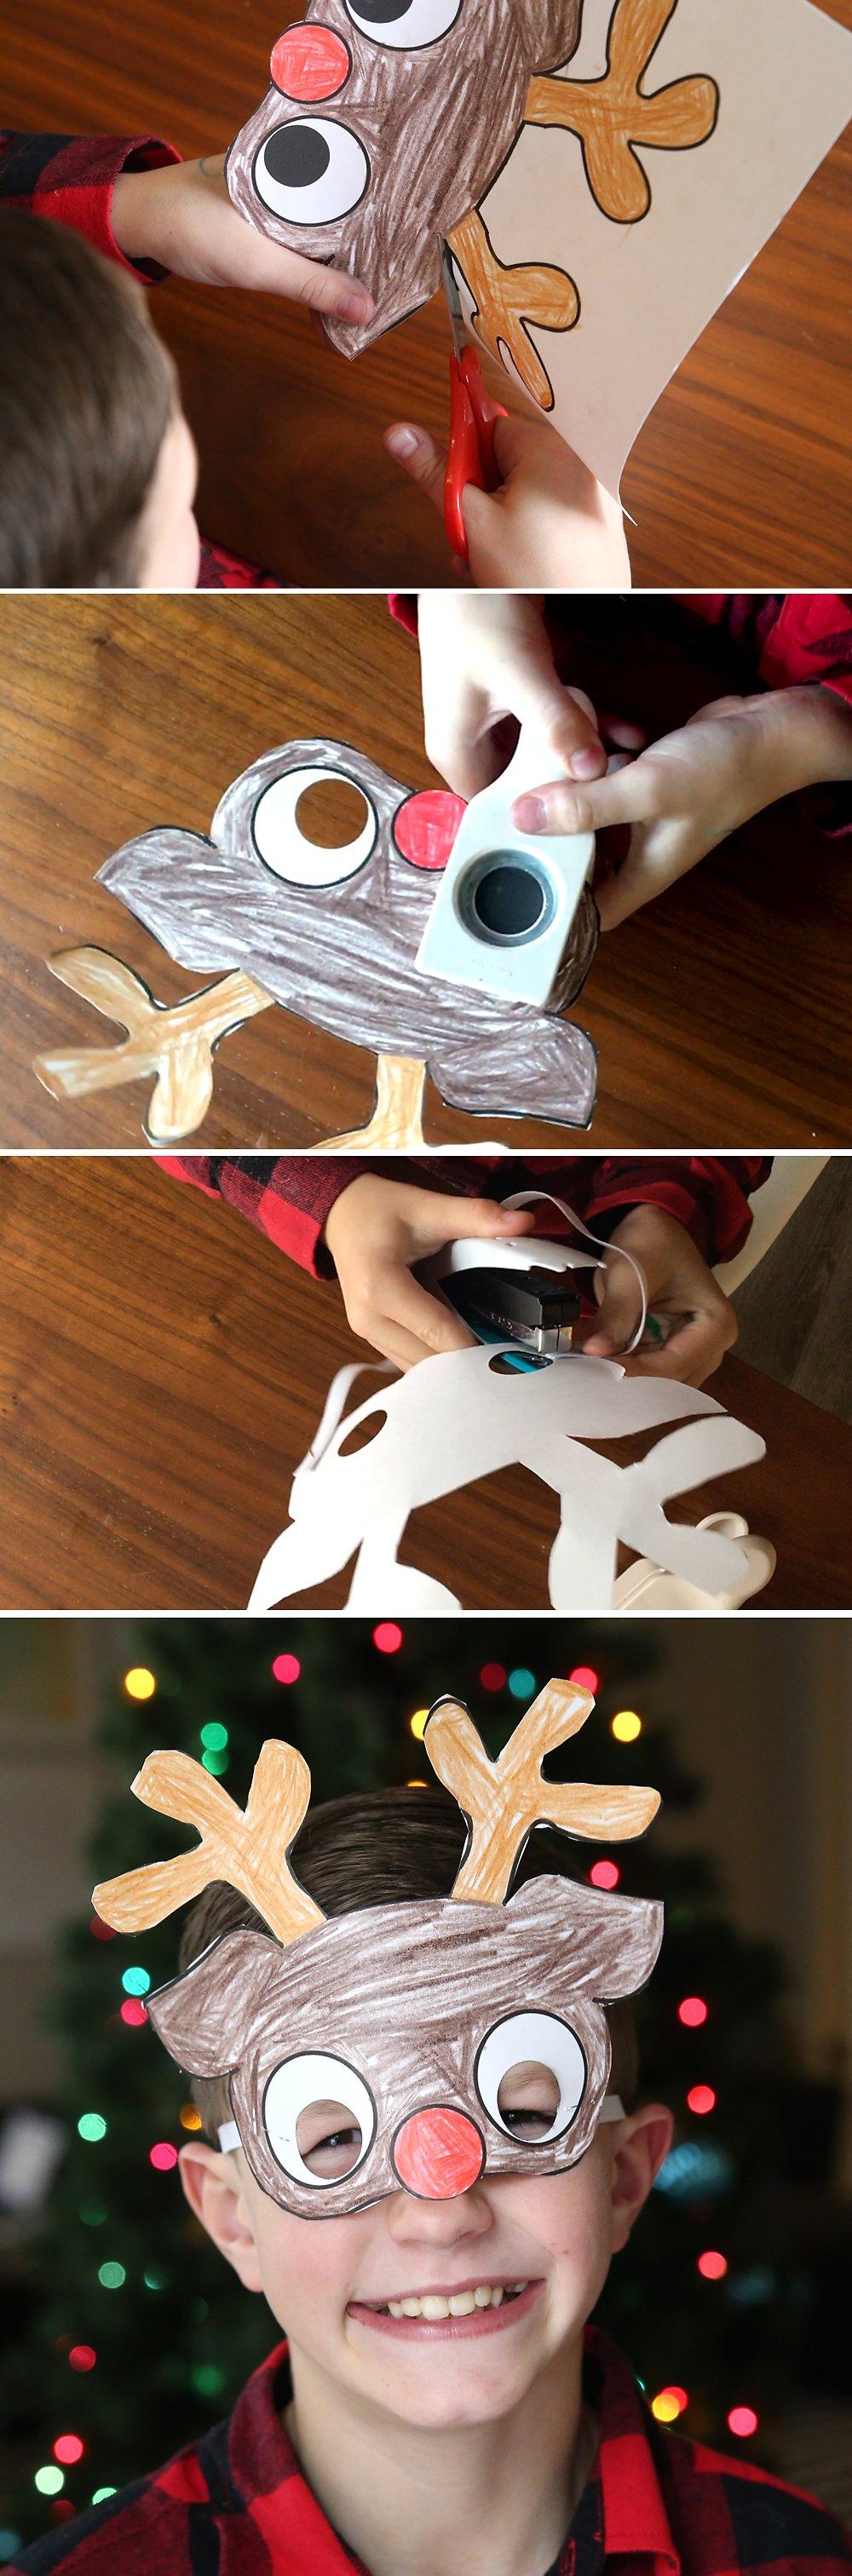 Bastelideen Weihnachten - Masken basteln